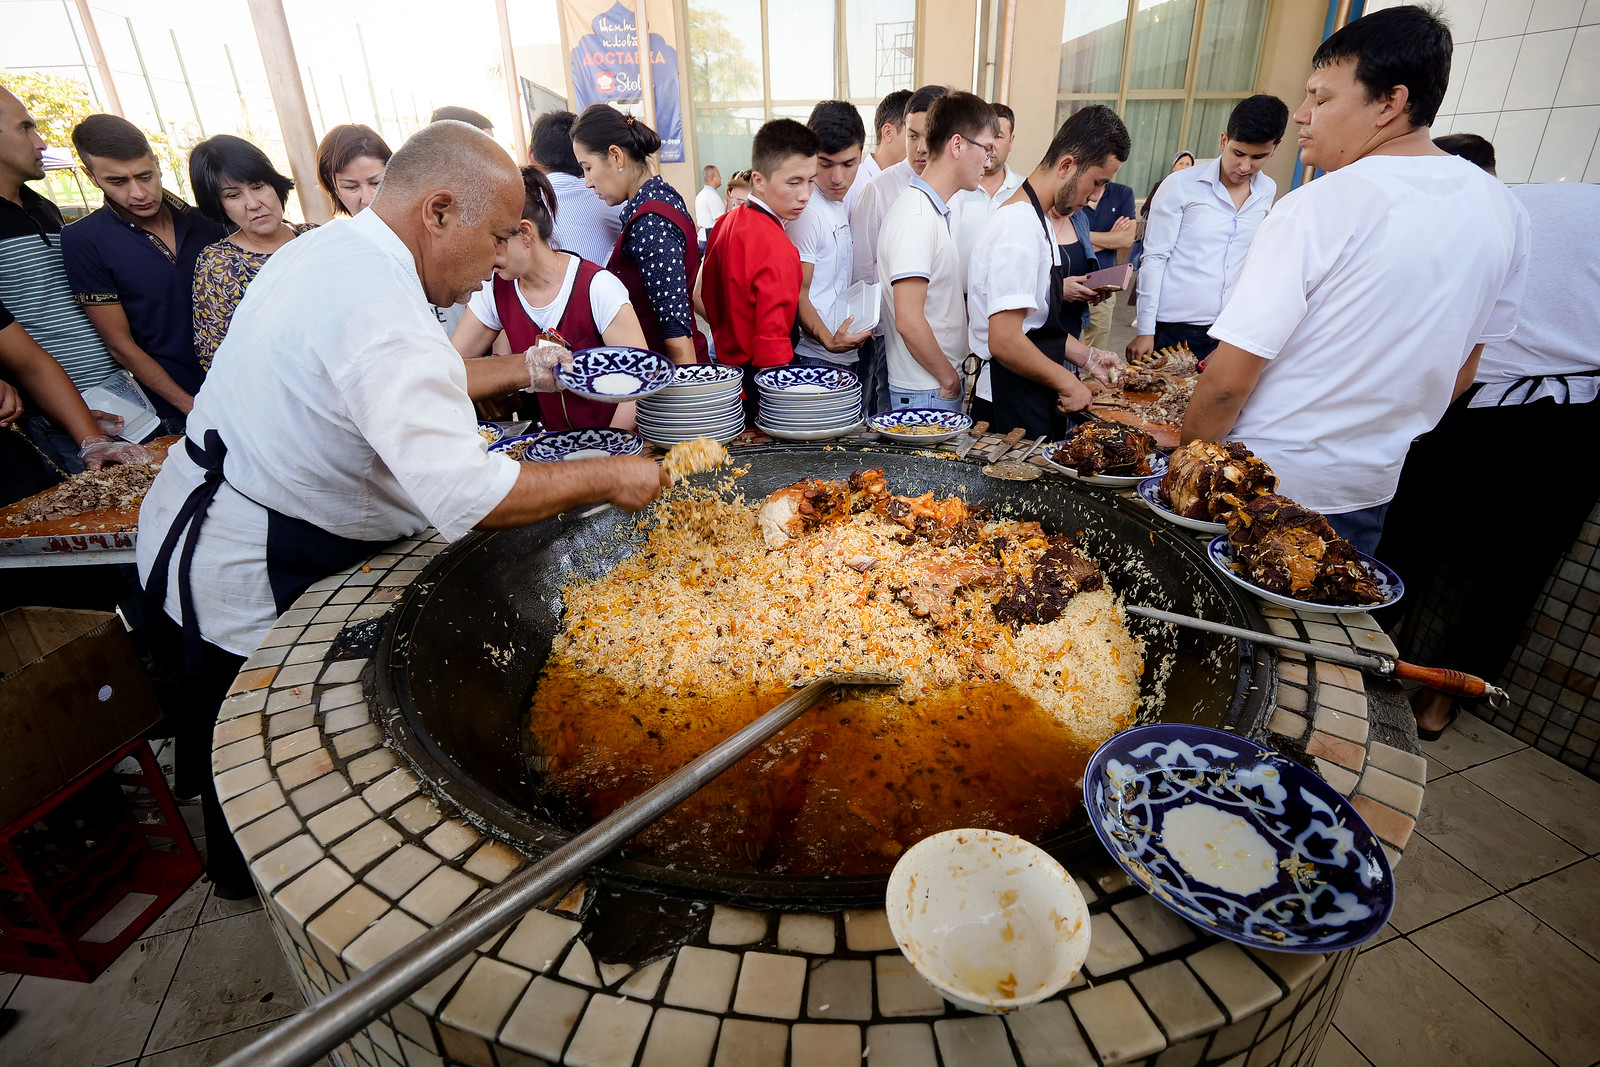 ازبکستان کشوری در آسیای مرکزی که پایتخت آن تاشکند است و در اول سپتامبر سال 1991 همزمان با فروپاشی اتحاد جماهیر شوروی، اعلام استقلال نمود.